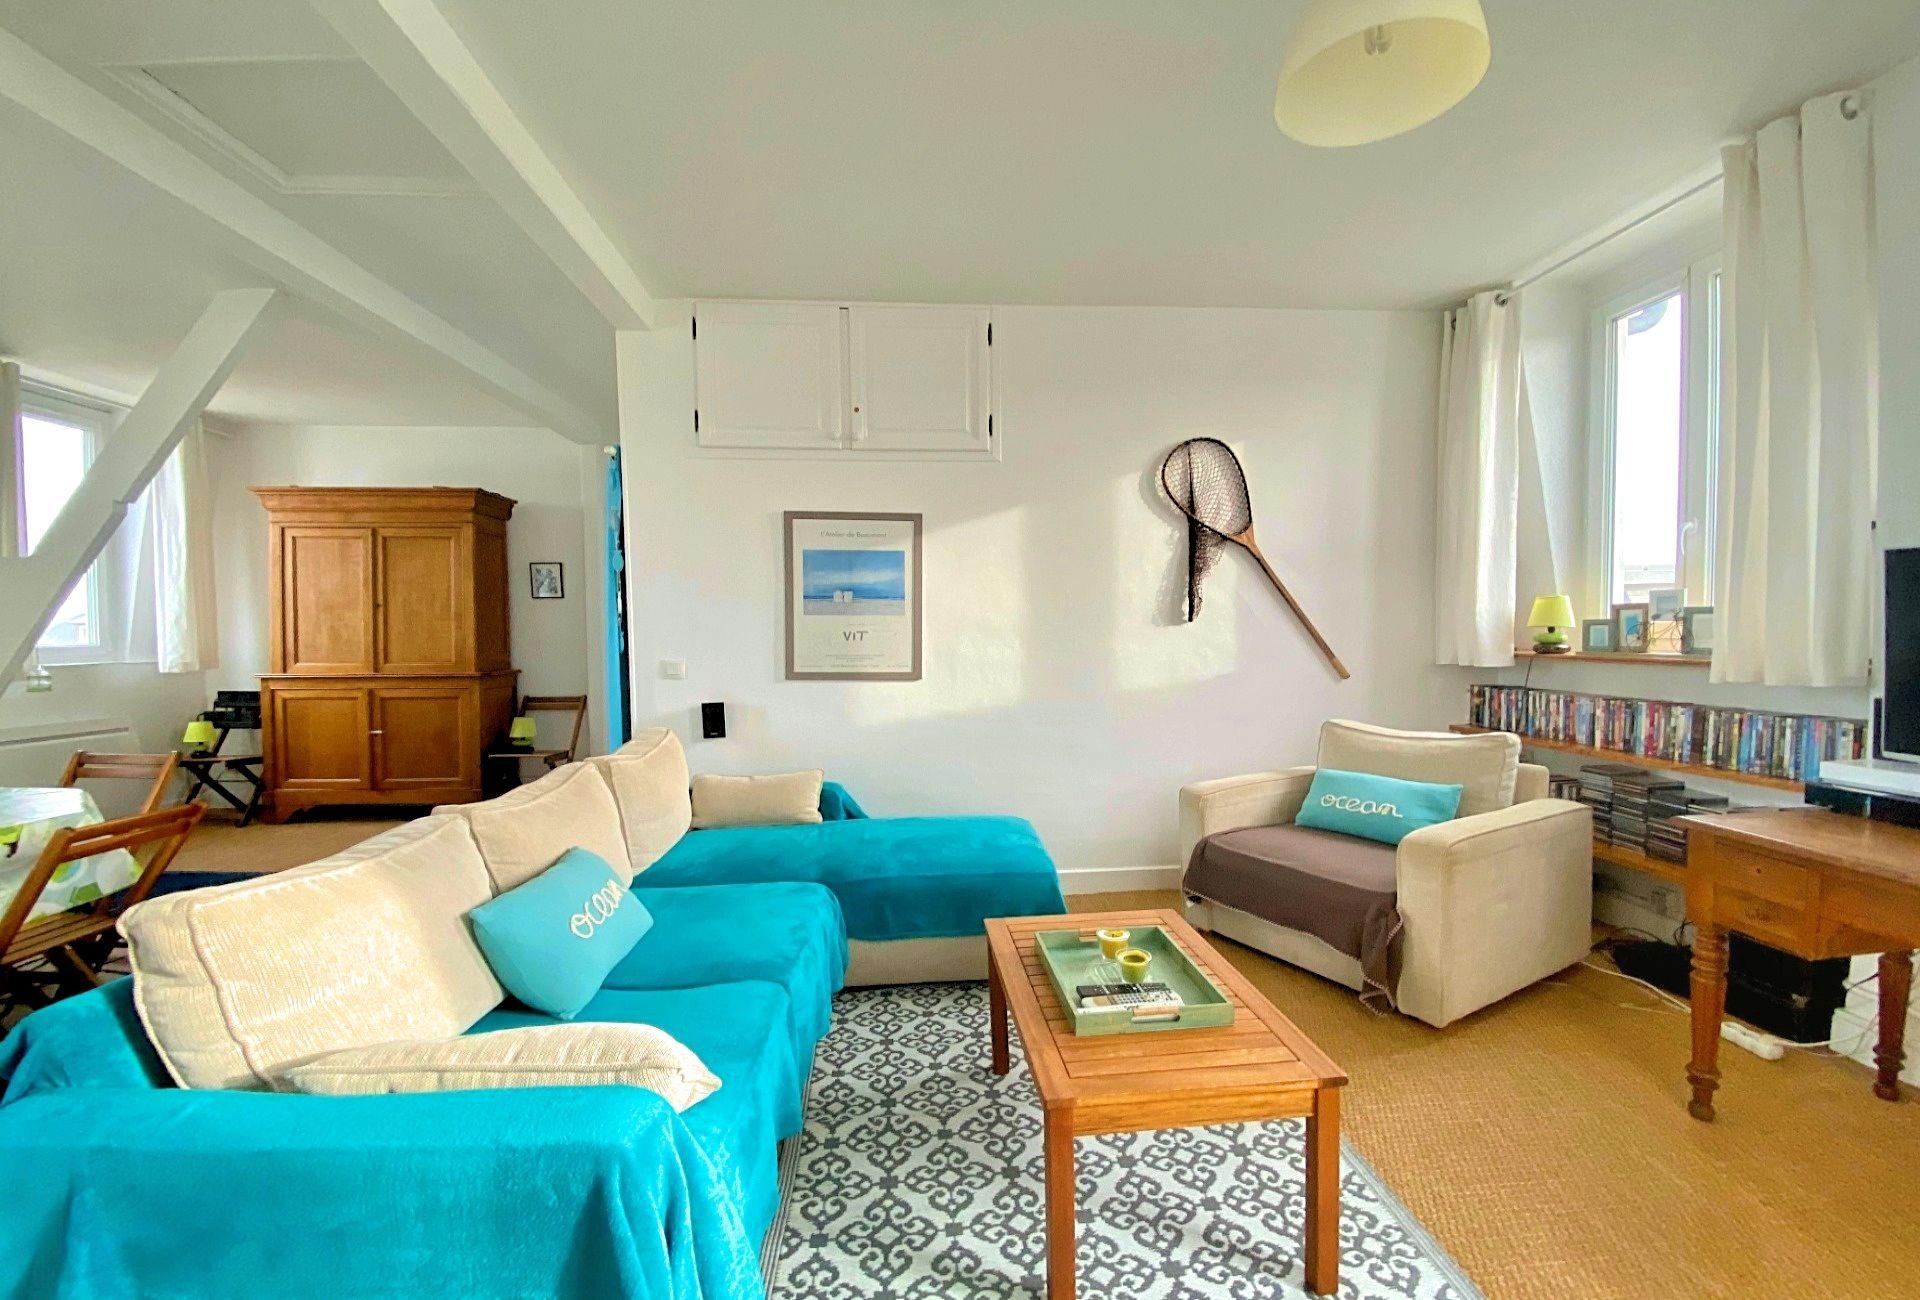 6-salon-appartement-a-vendre-la-clef-des-villes-agence-immobiliere-villers-sur-mer